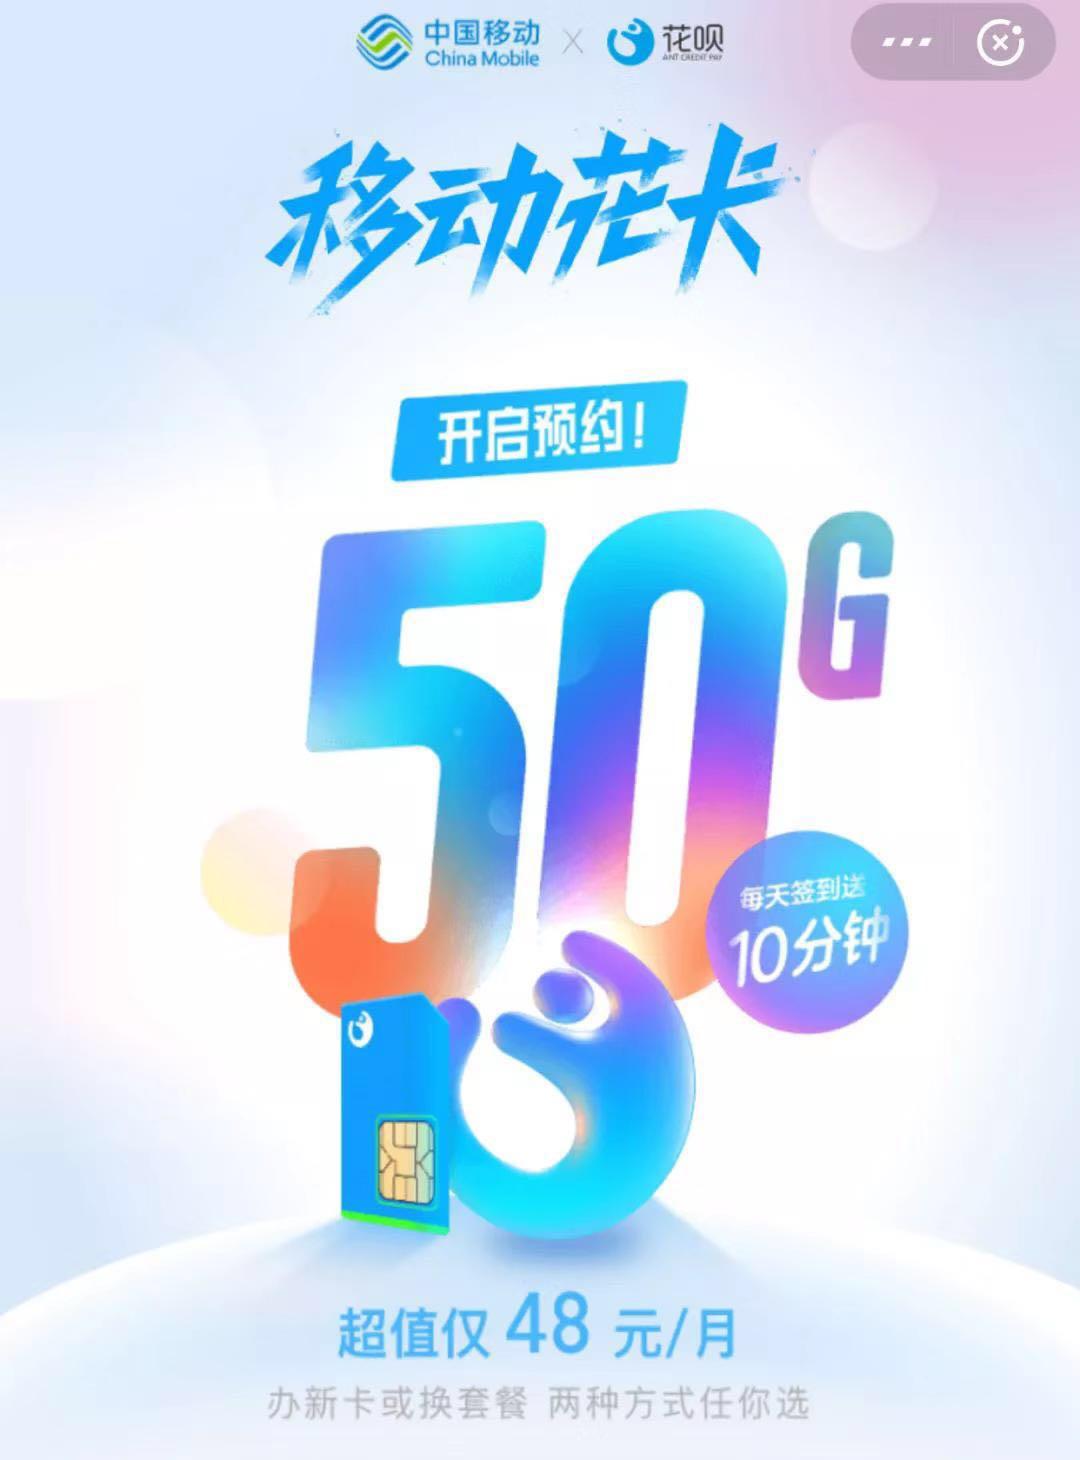 马云和移动推出了一款新手机卡:花呗可以延后还,剁手党喜笑颜开